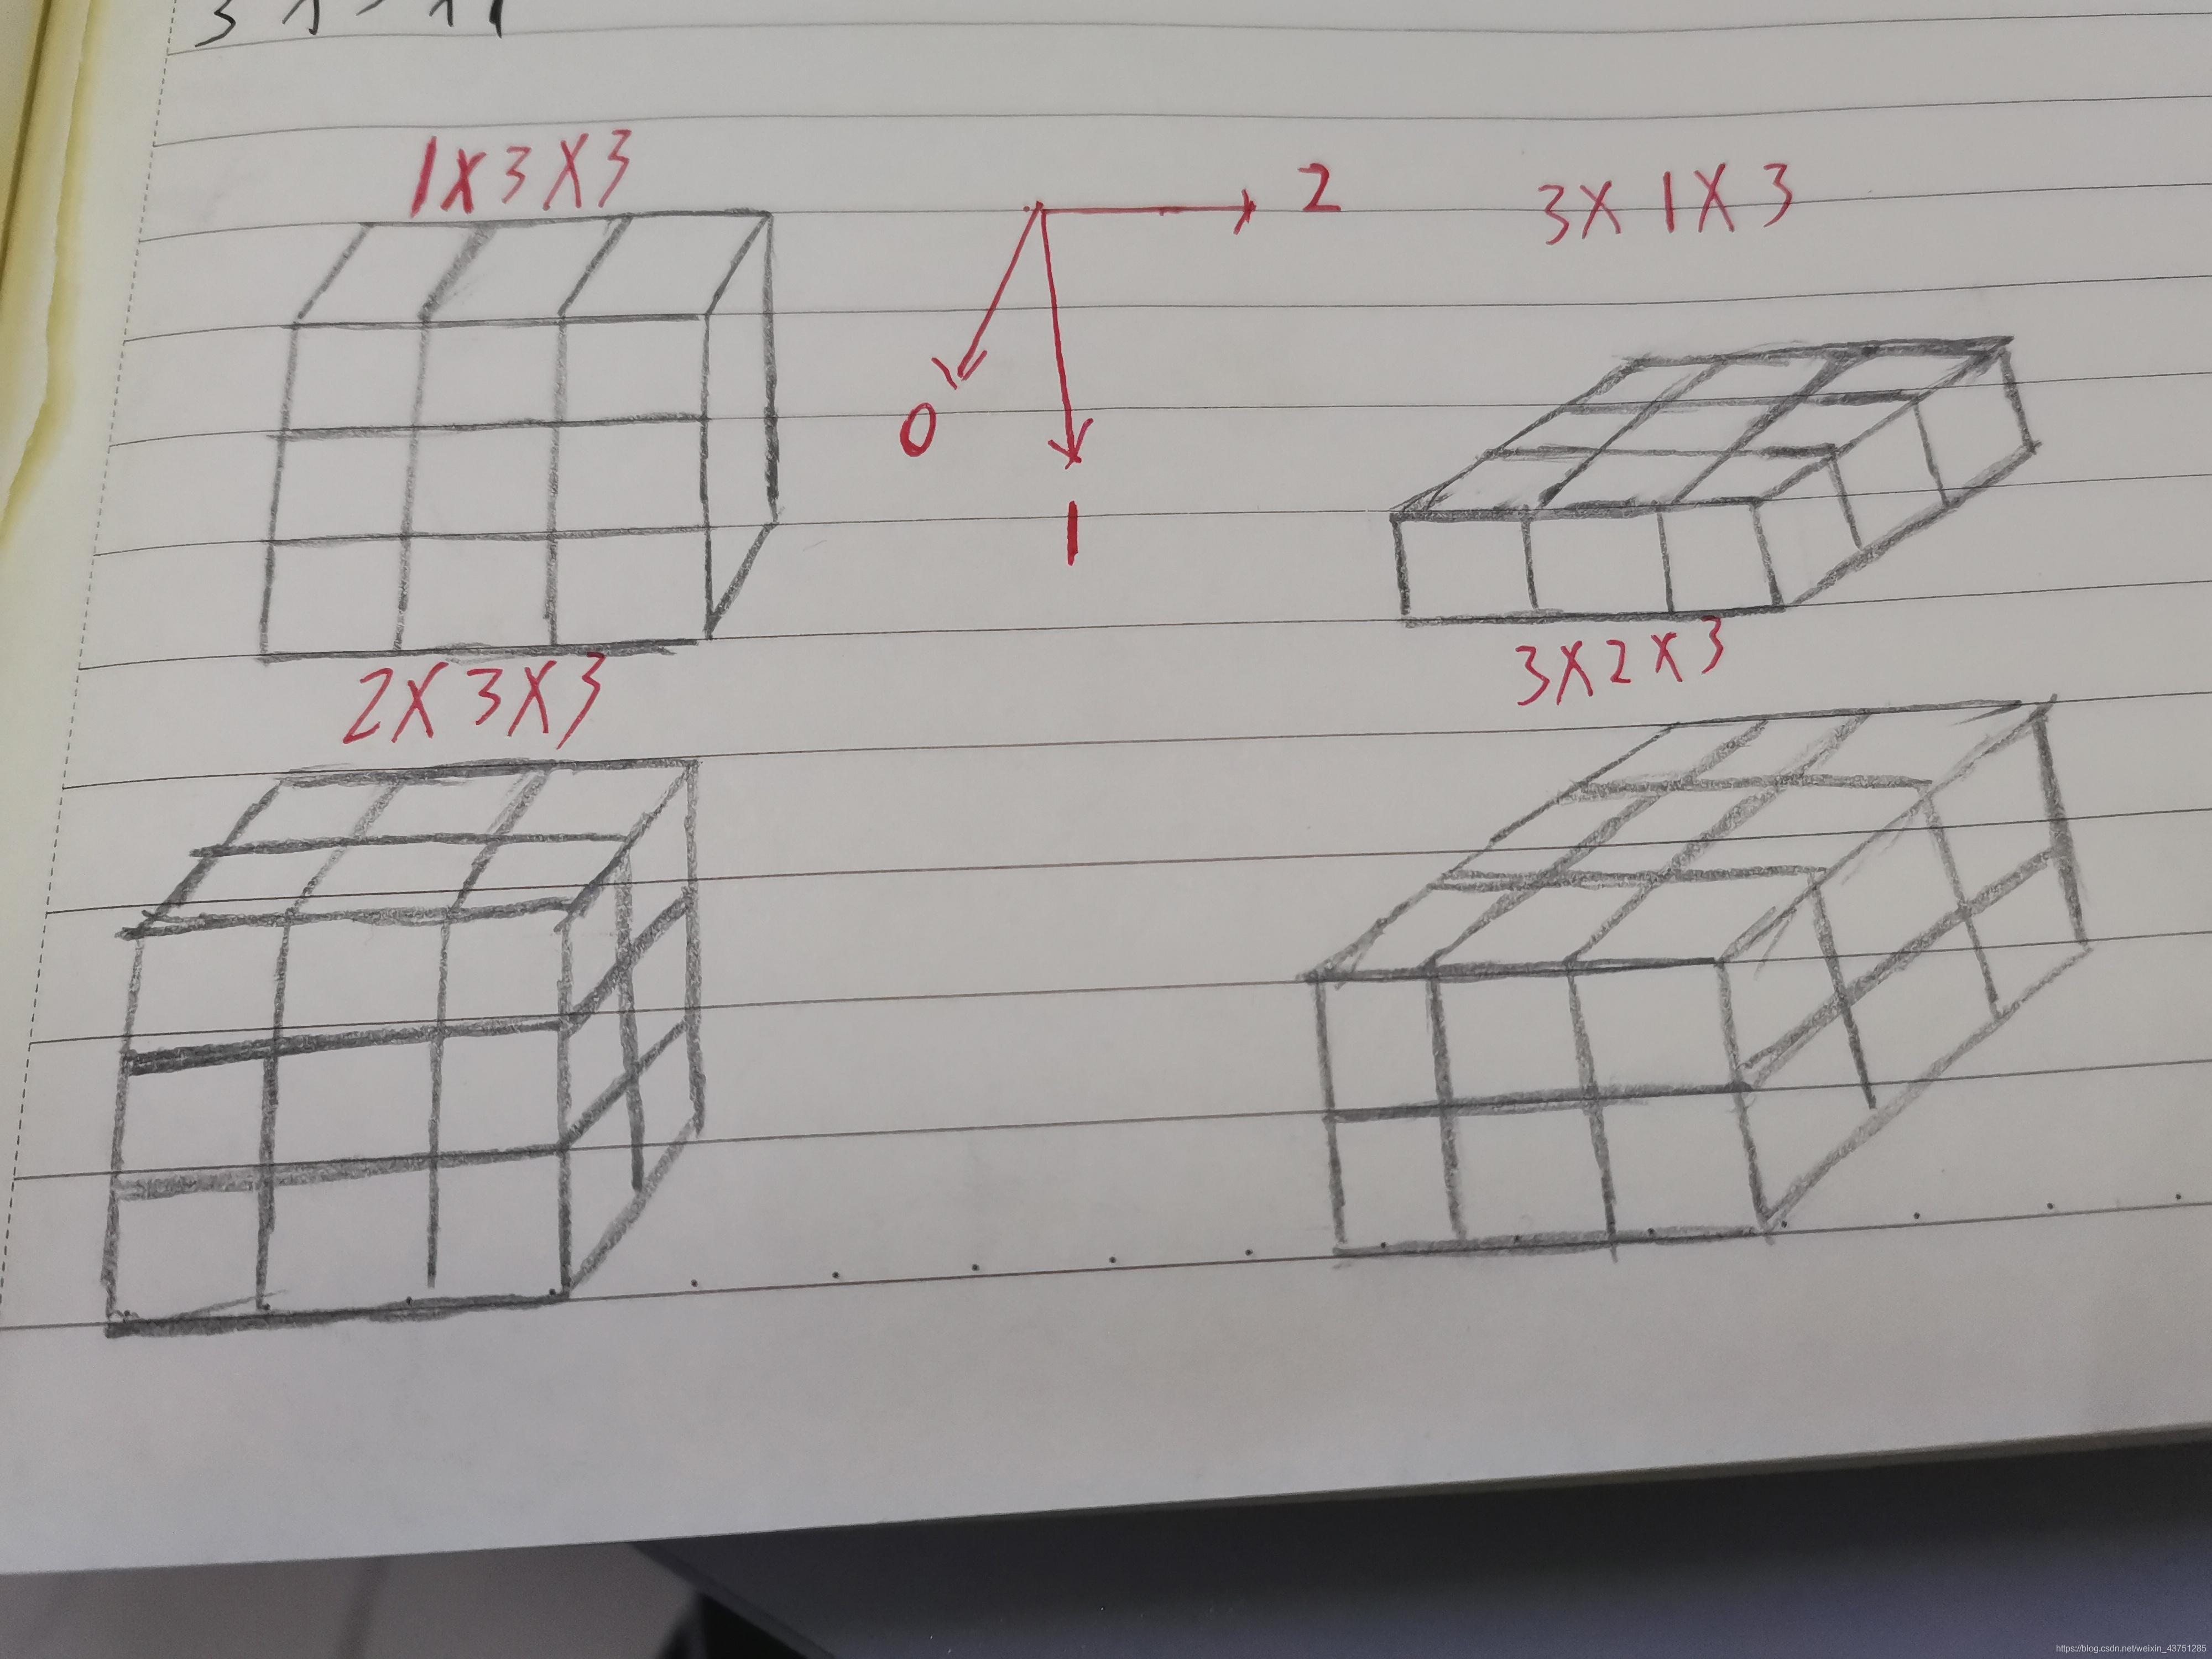 由[1*3*3]拓展到[2*3*3],由[3*1*3]拓展到[3*2*3]